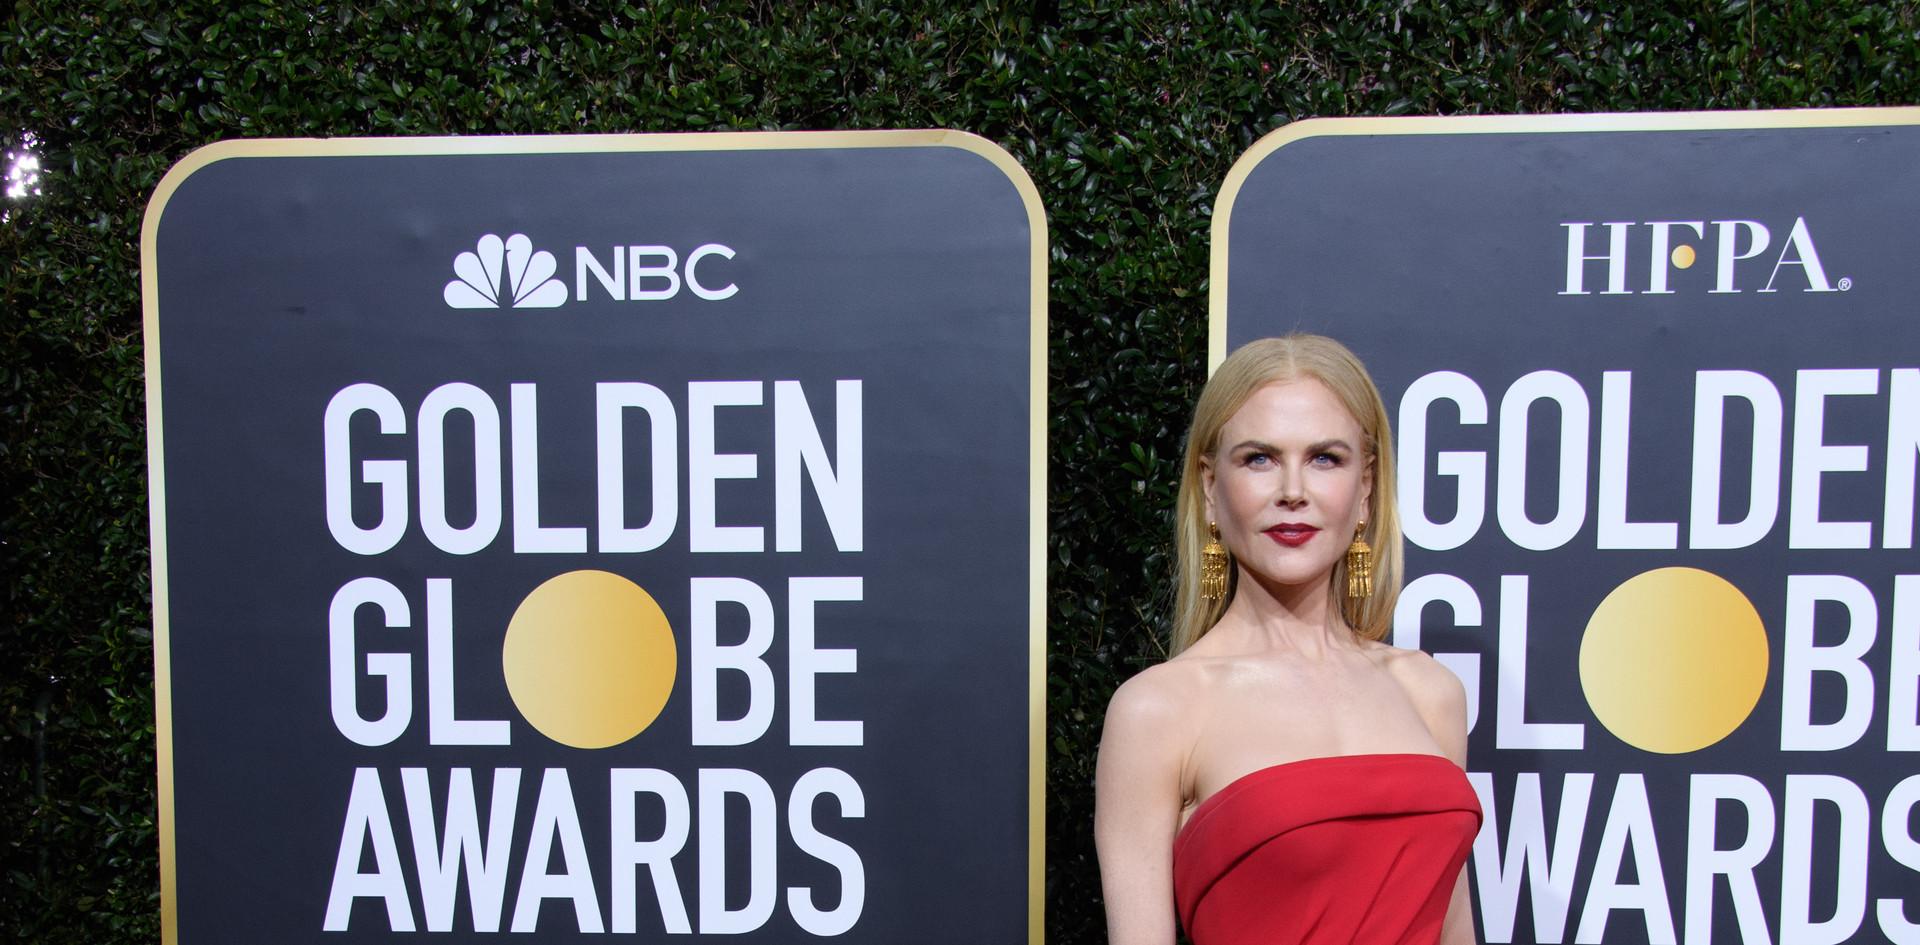 """Nicole Kidman, com um modelo Atelier Versace e jóias Omega e Fred Leighton.  Nicole Kidman nomeada para um Golden Globe, como Melhor Actriz em Série de Televisão – Drama pelo desempenho em """"Big Little Lies"""", na passadeira vermelha do 77th Annual Golden Globe Awards, no Beverly Hilton em Beverly Hills, CA. Fotografia: HFPA Photographer."""